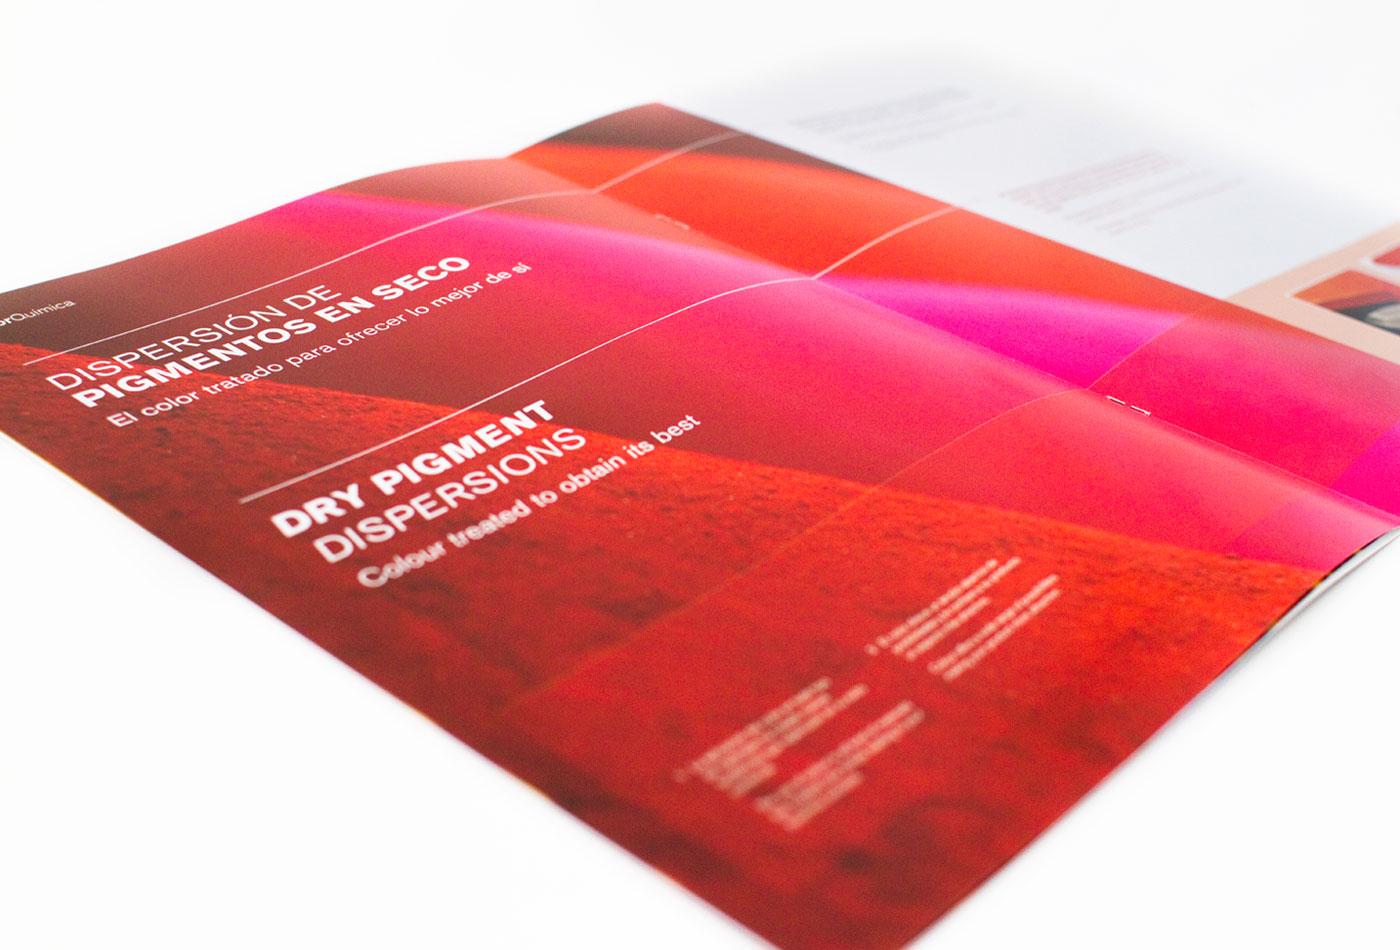 colorquimica-creartiva-disseny-grafic